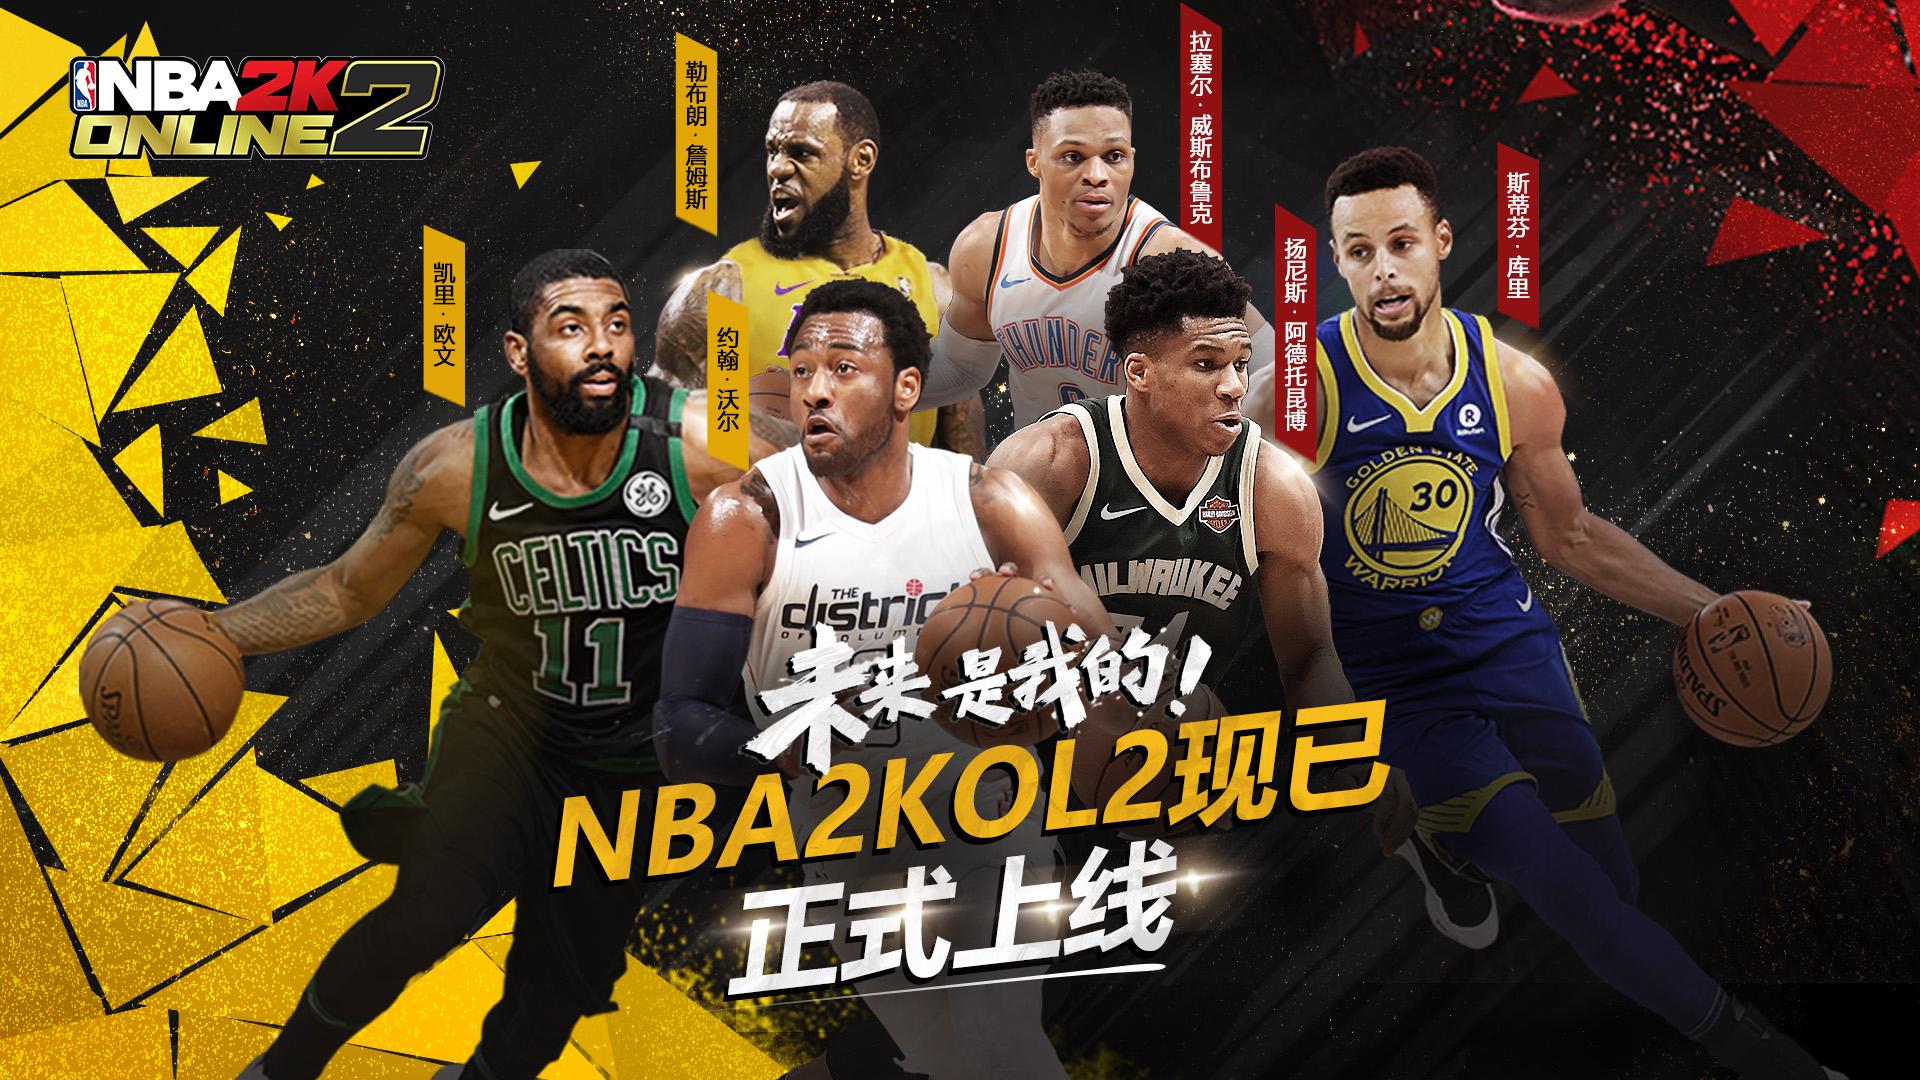 NBA2KOL2-壁纸